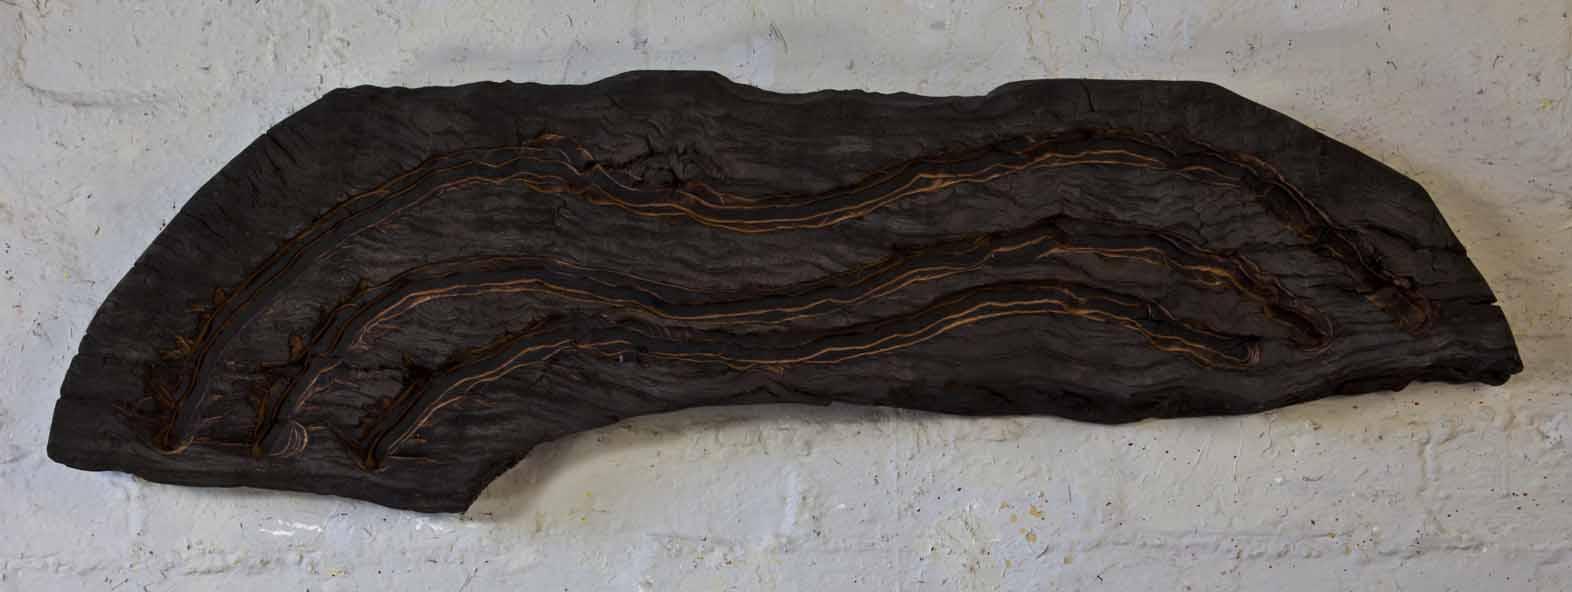 Wooden Sculpture (YOKE)